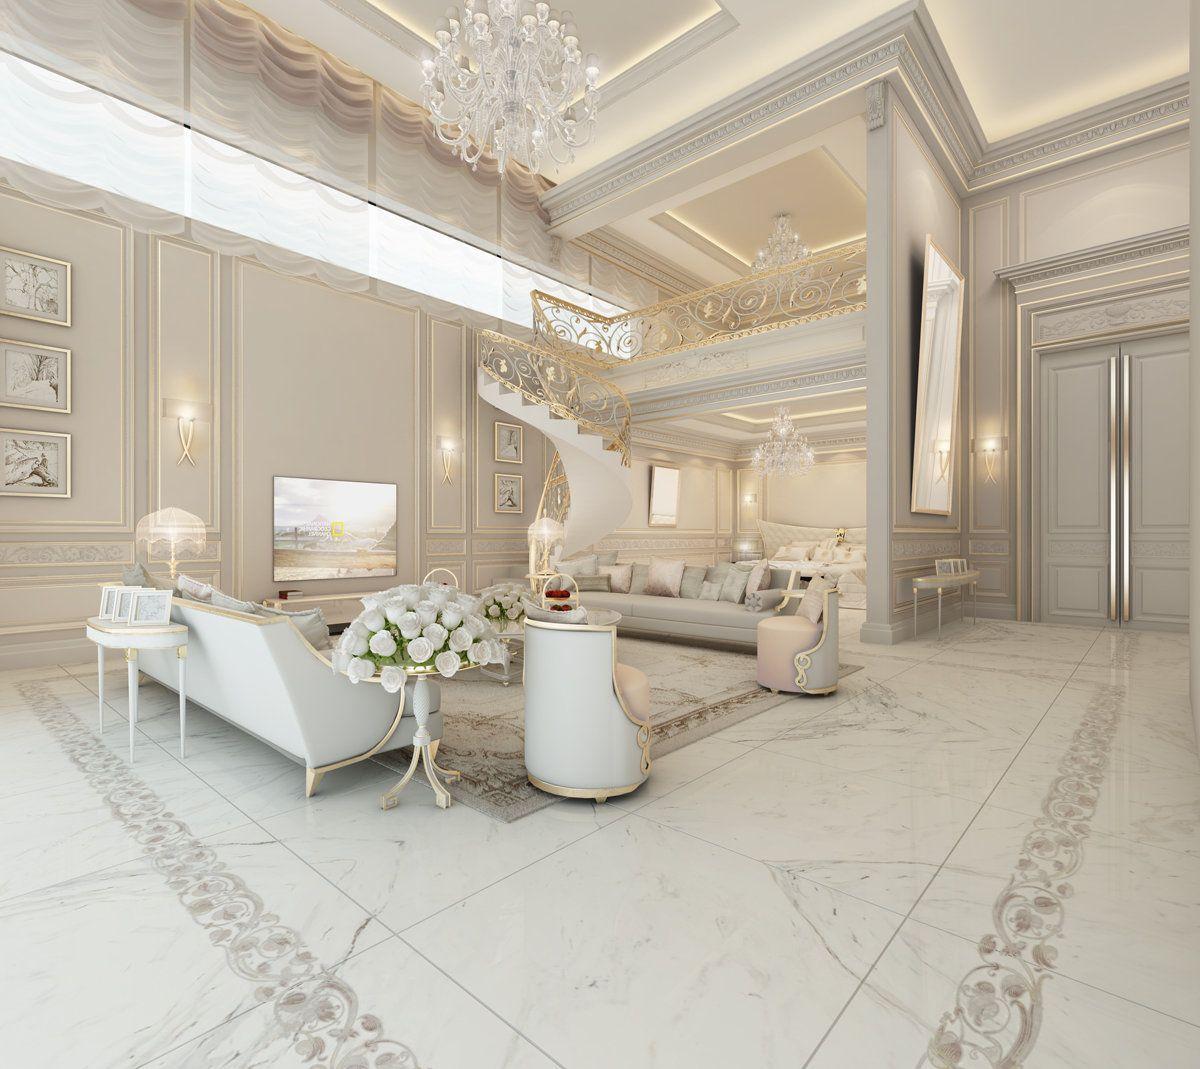 Luxury interior Design Dubai...IONS one the leading interior design ...